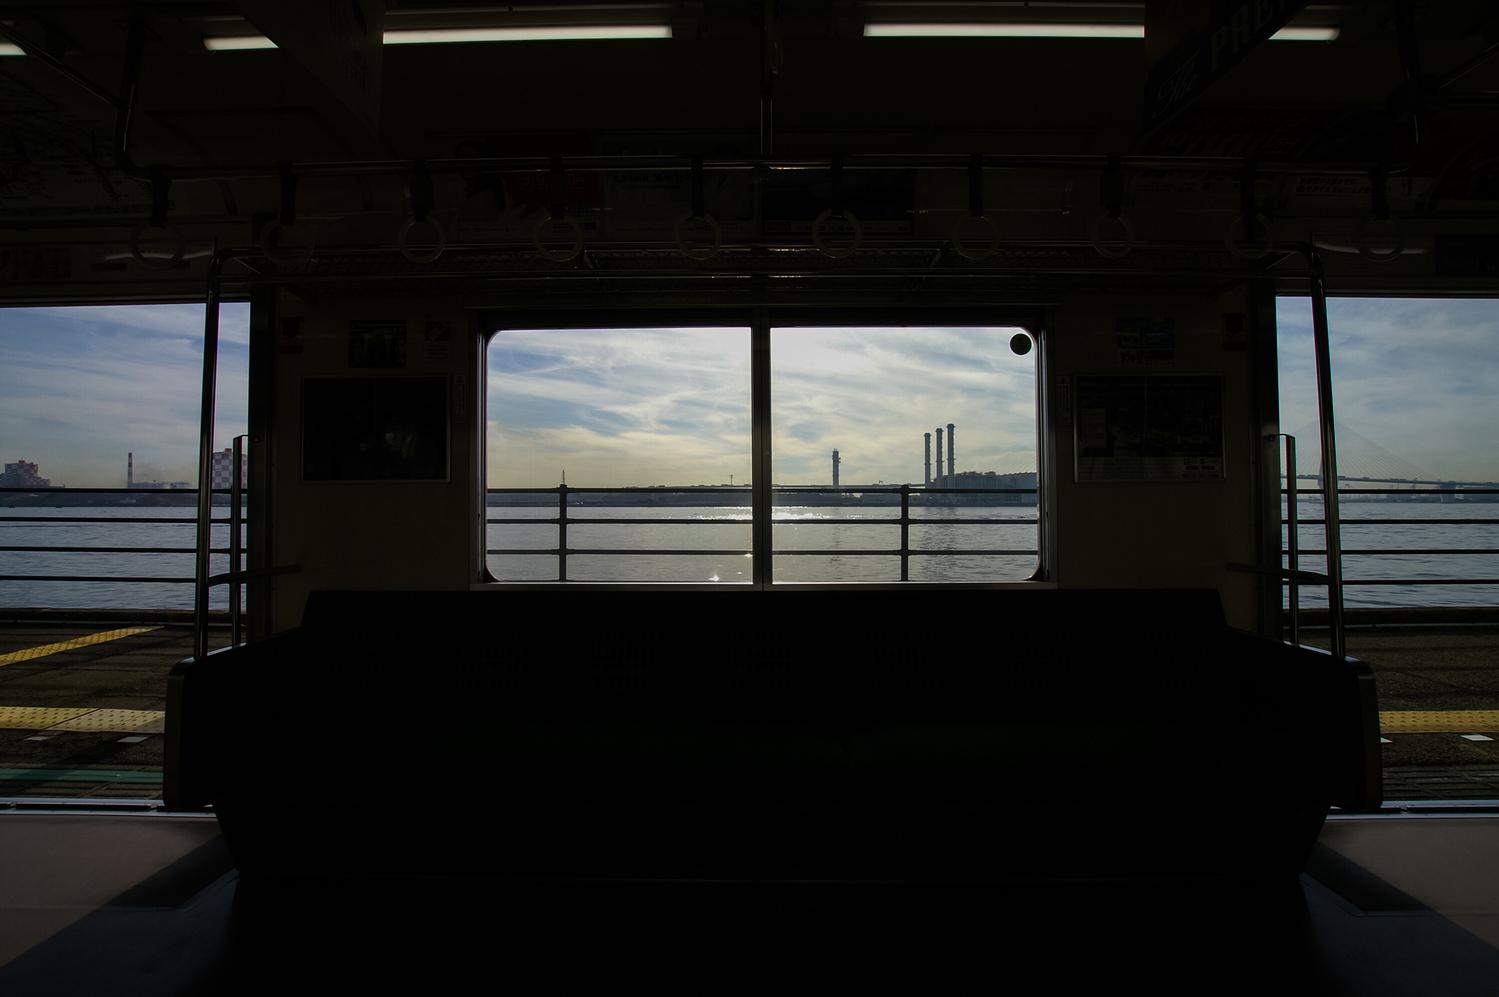 1:海の見える駅まで行く